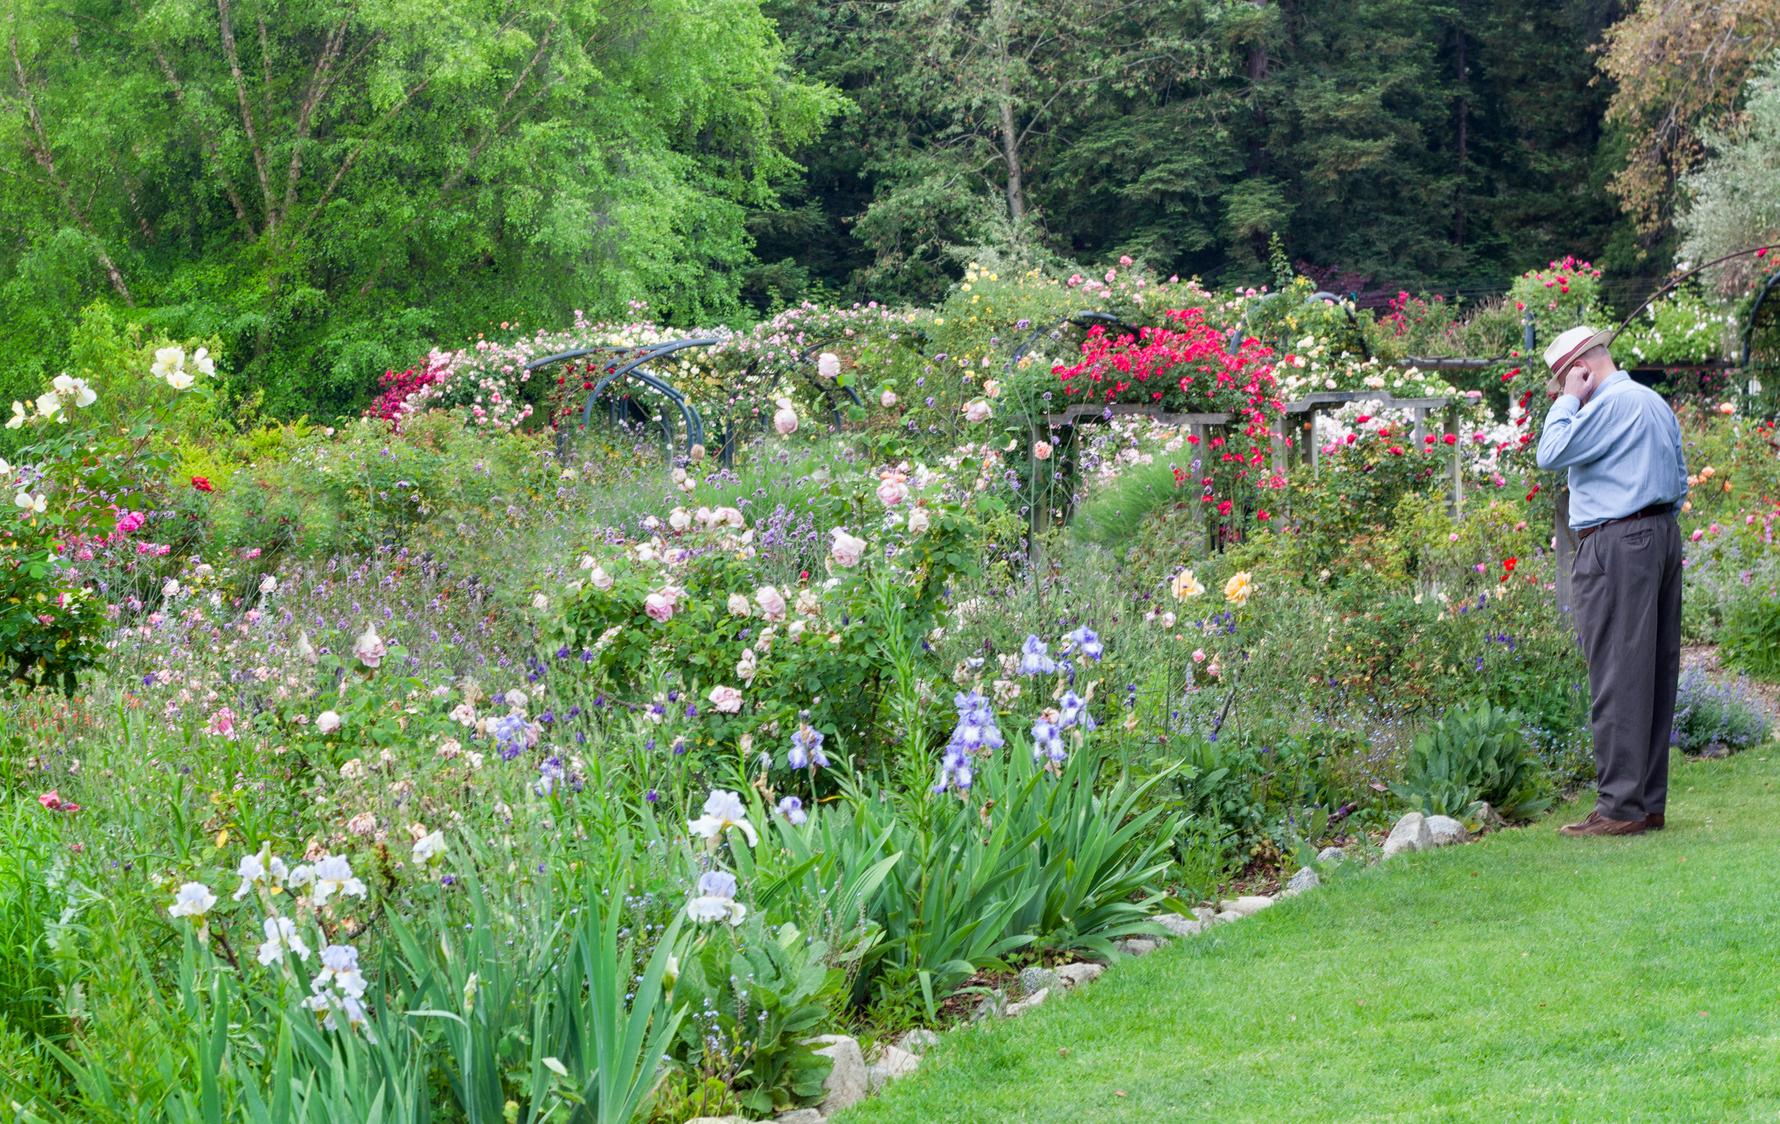 jardin du monde 1 focus sur le jardin l anglaise blog. Black Bedroom Furniture Sets. Home Design Ideas